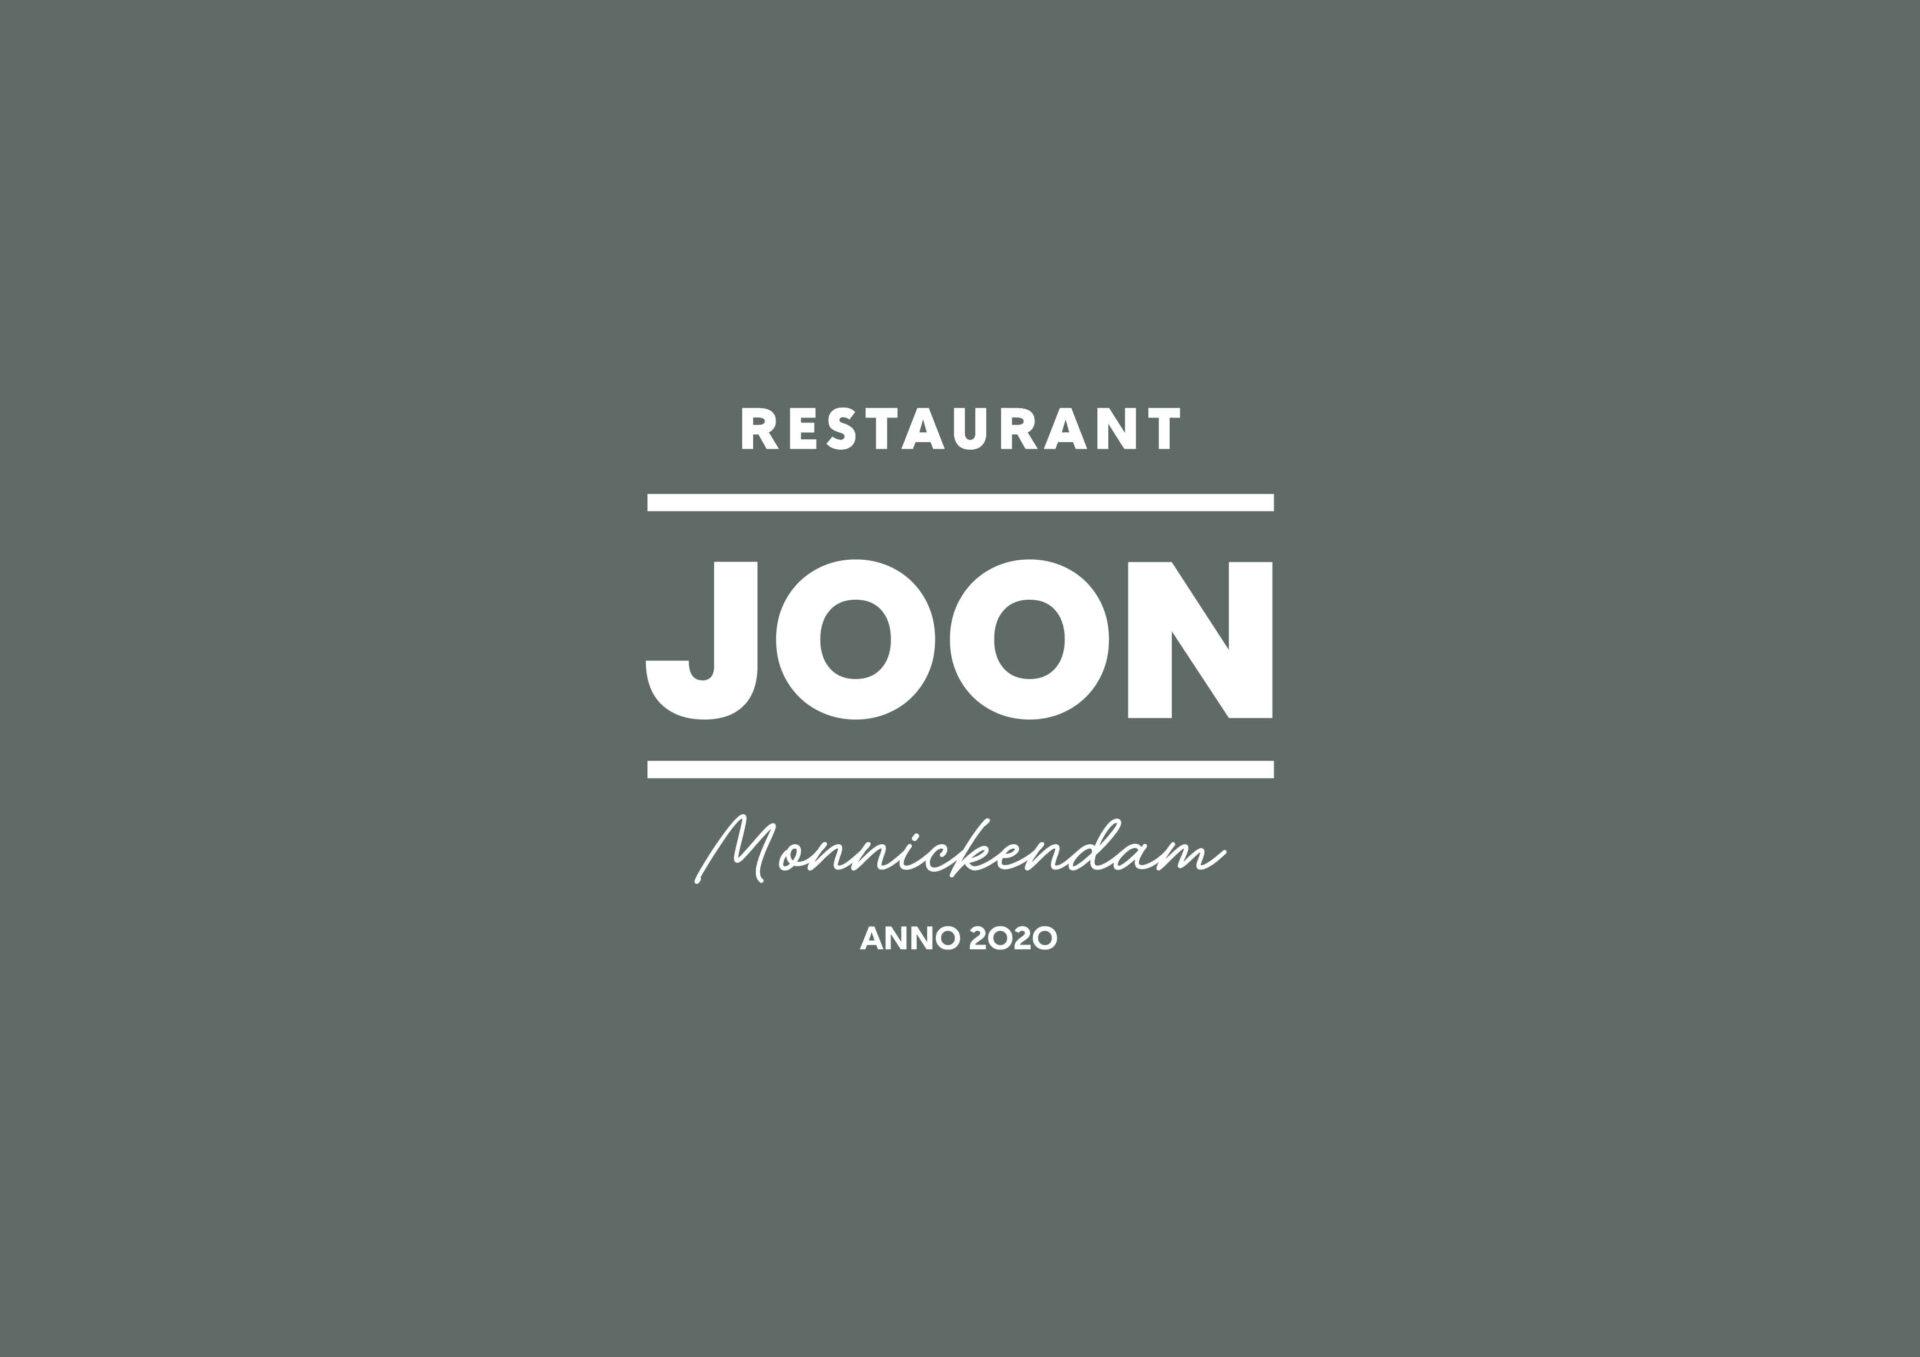 Logo voor Restaurant JOON in Monnickendam gemaakt door Sjoerd van Schagen